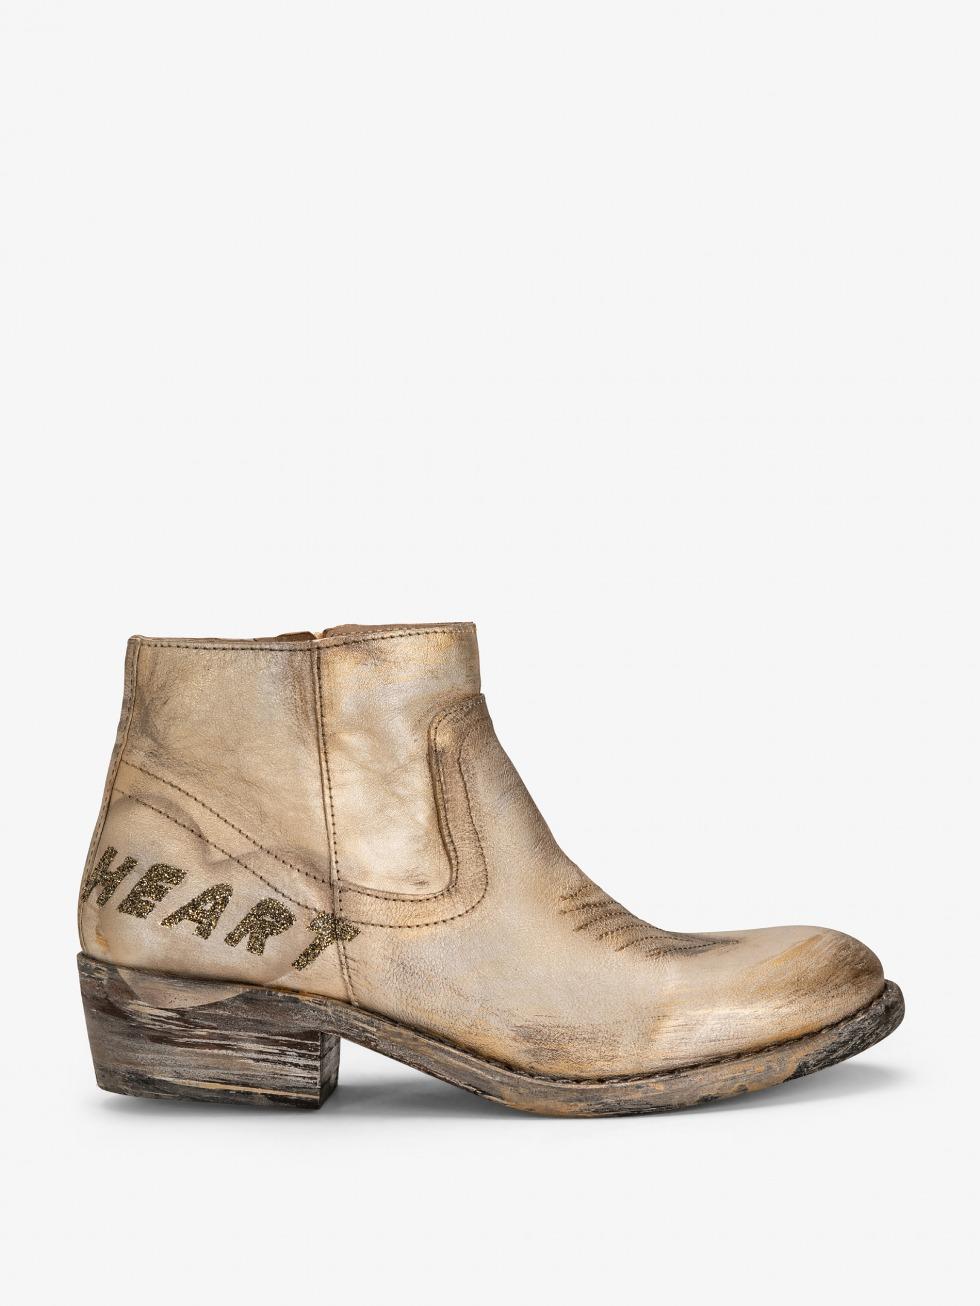 Boots Mojito - Cuore Cometa Glitter